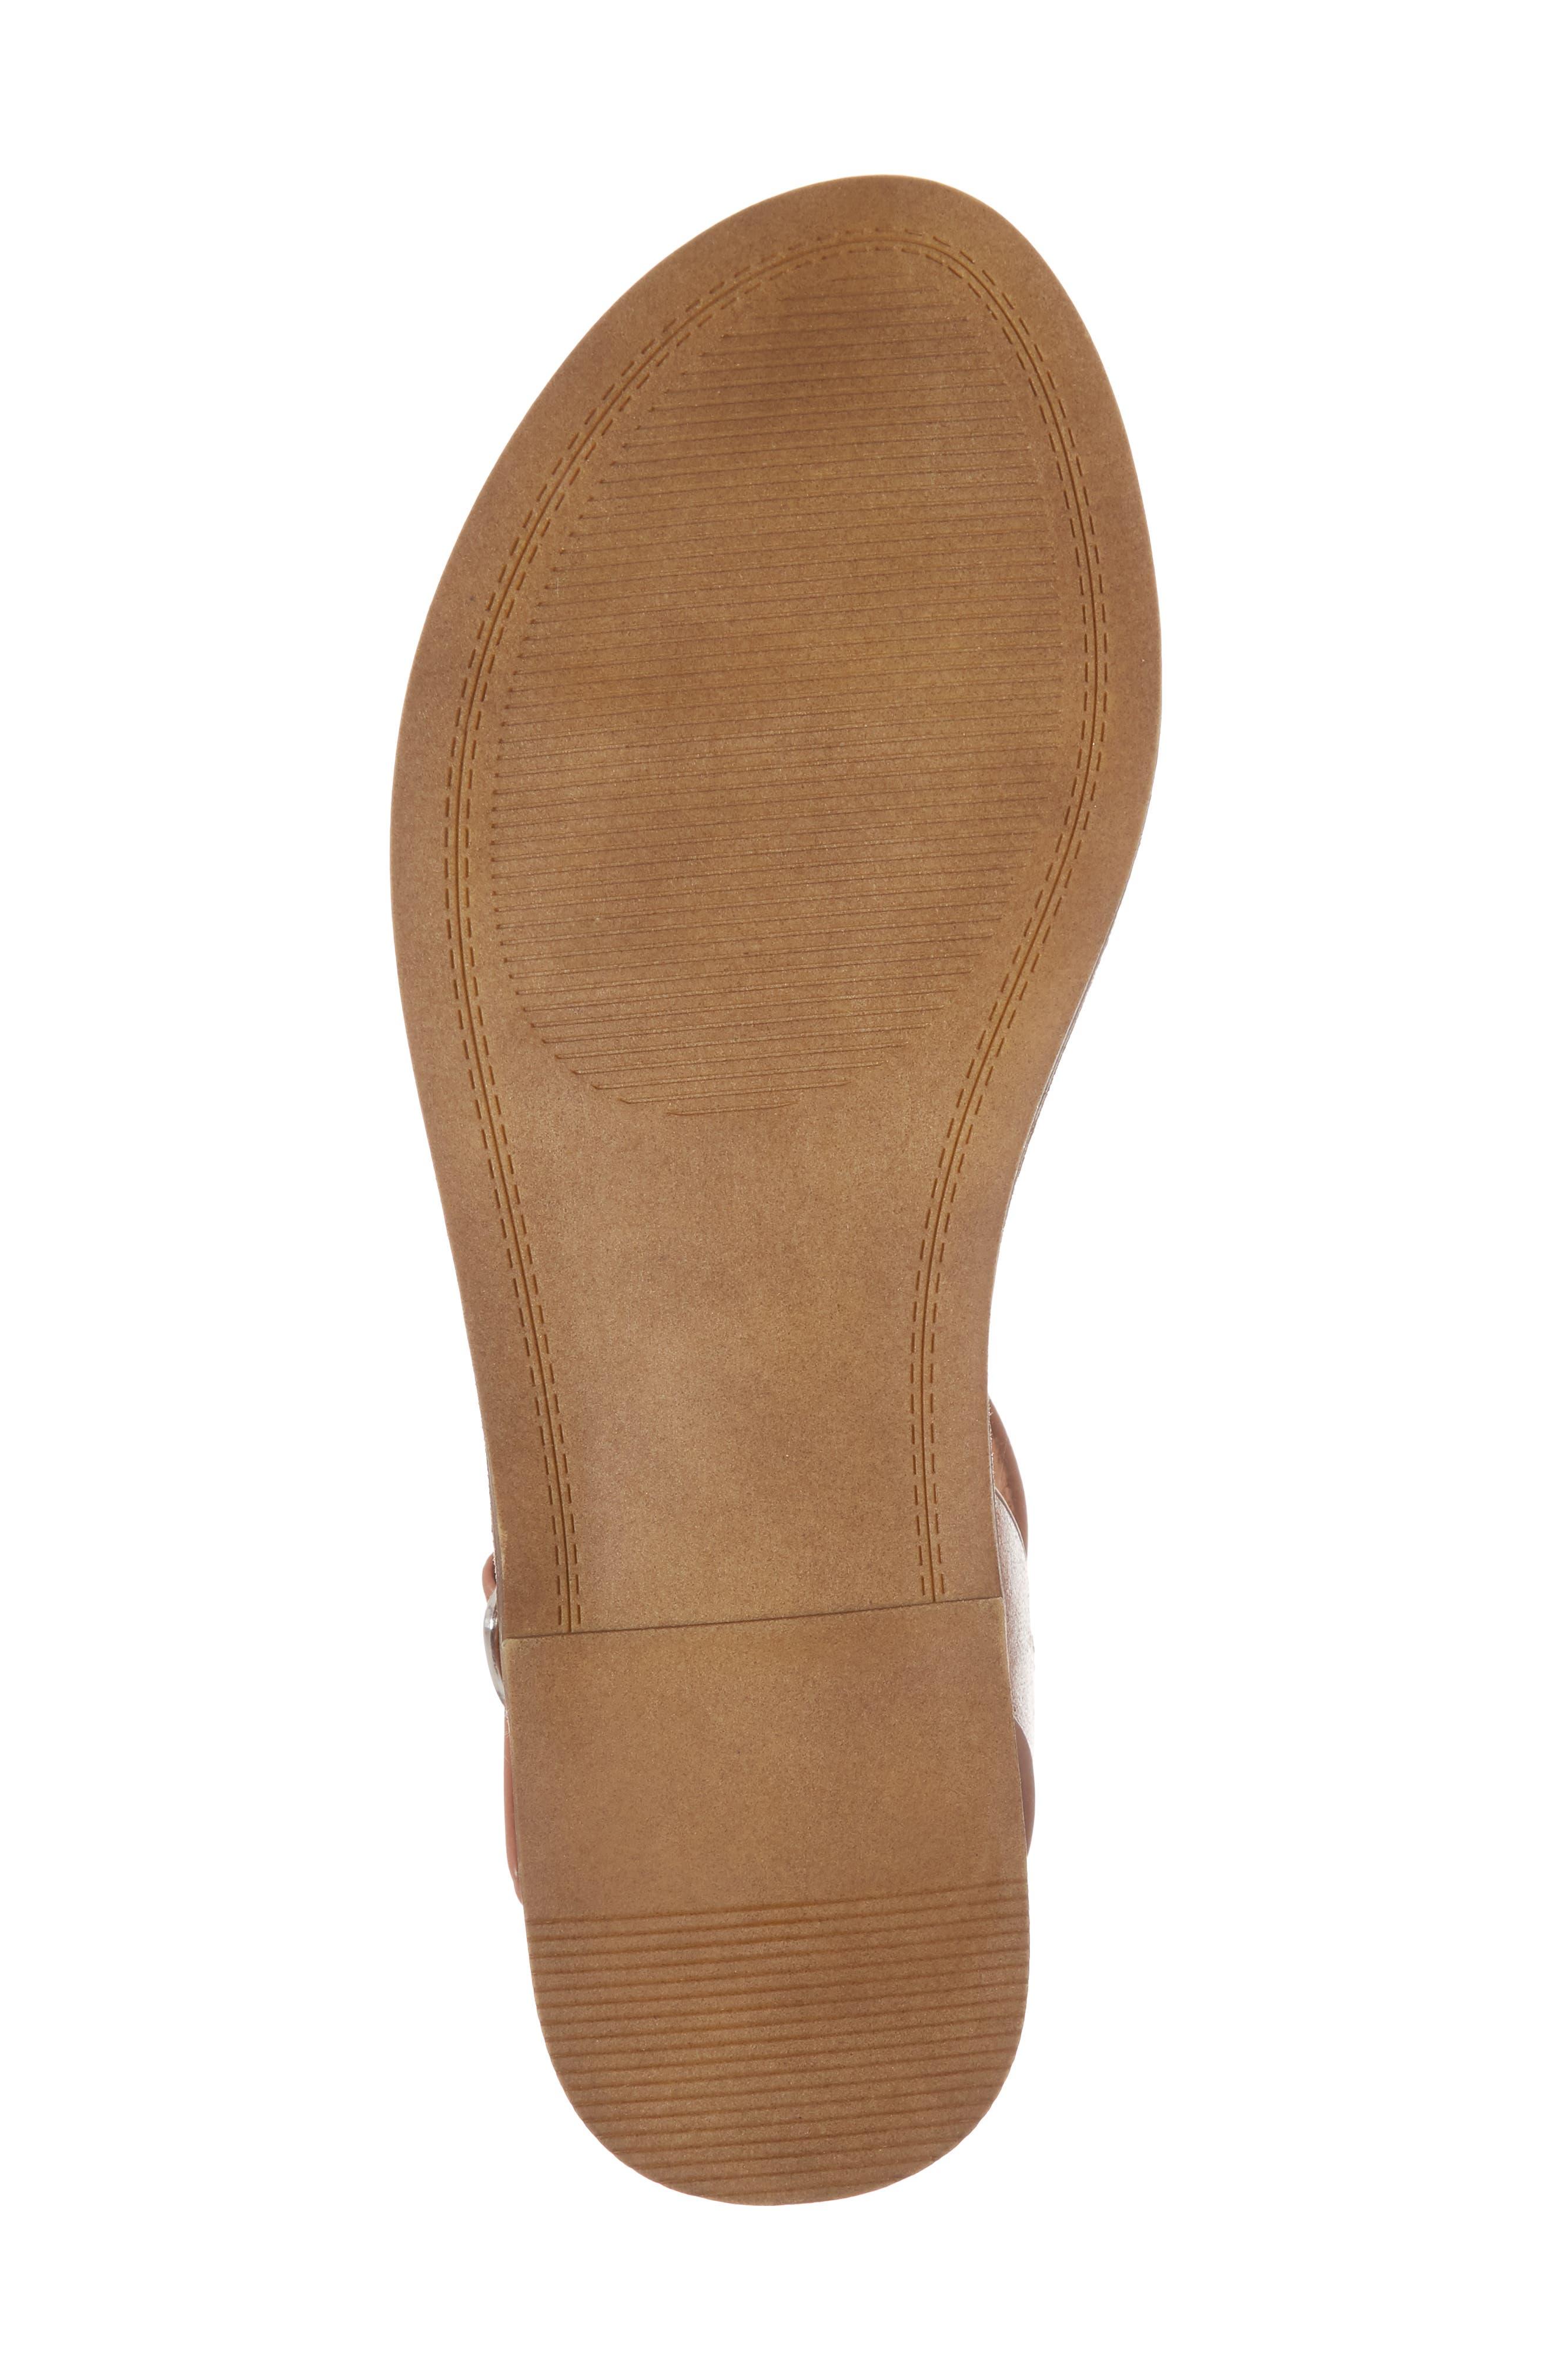 Dupe Sandal,                             Alternate thumbnail 6, color,                             Cognac Leather